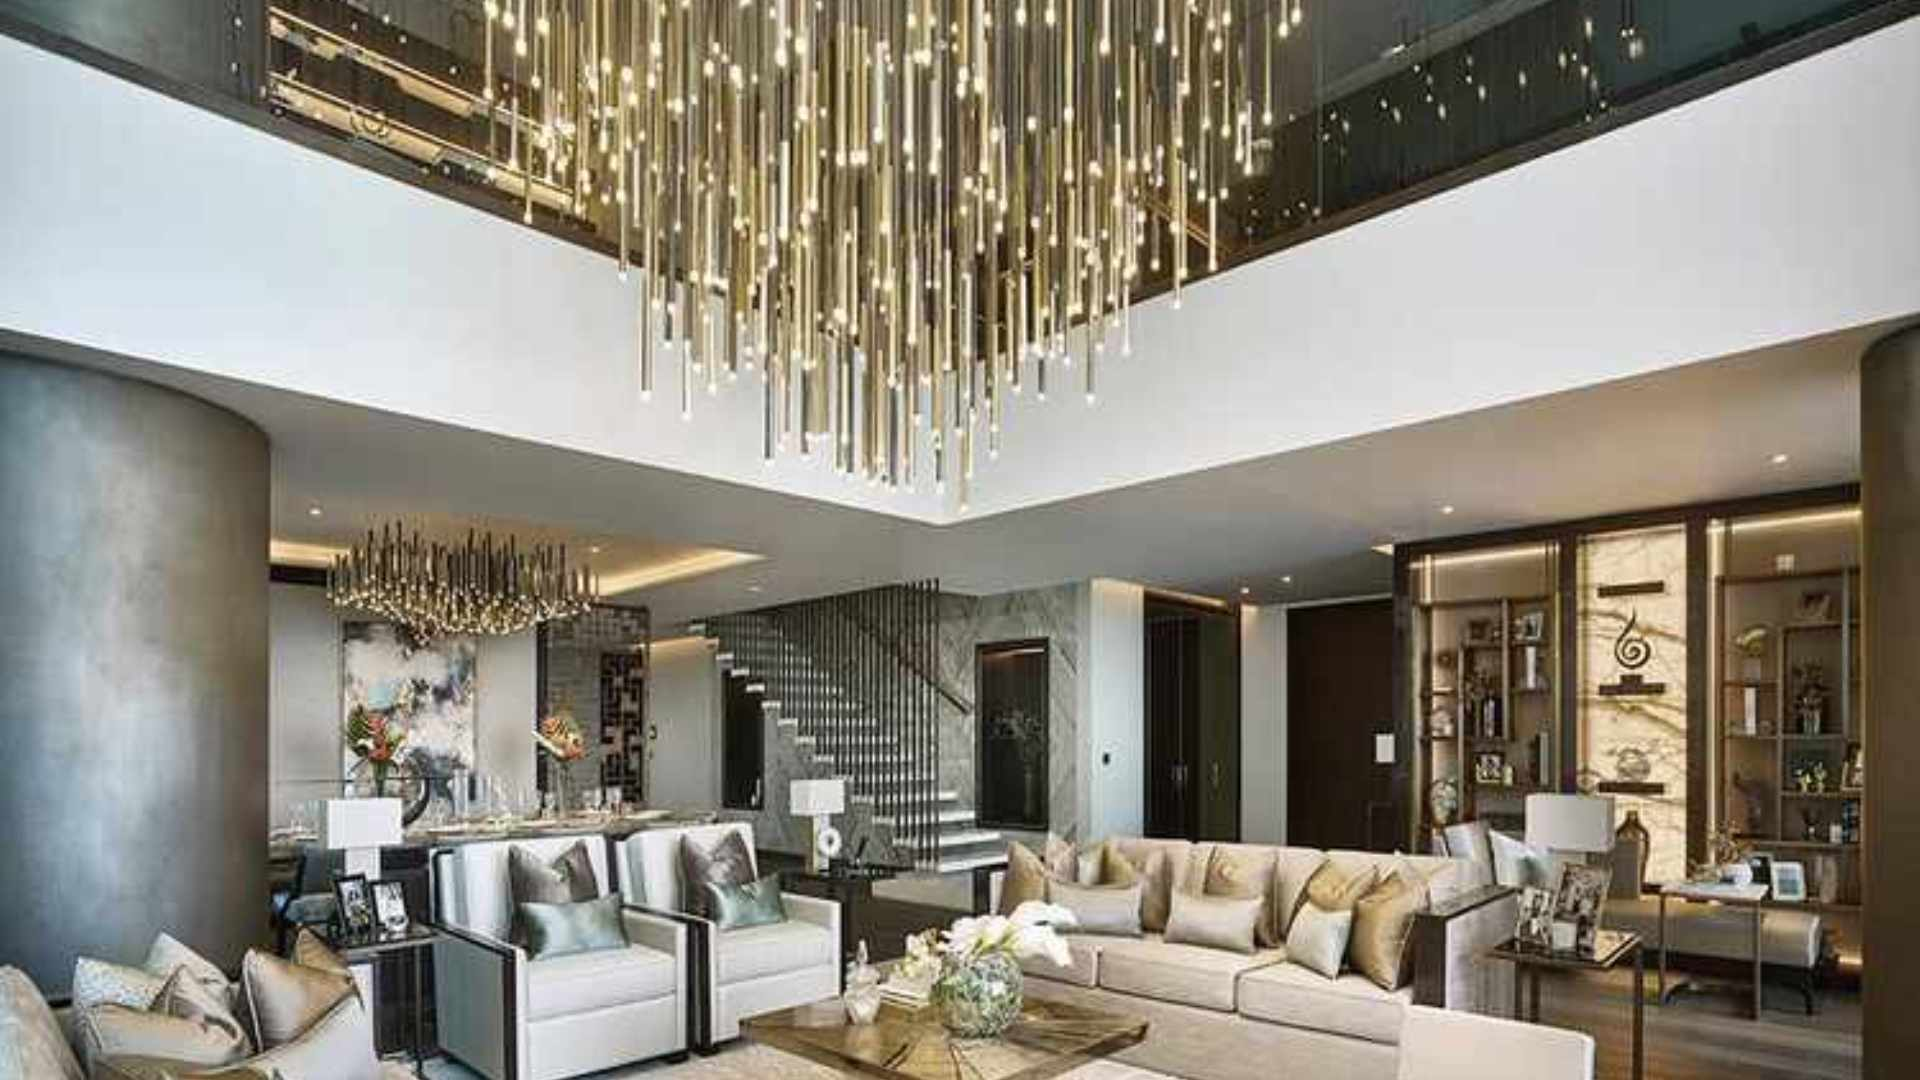 Ático en venta en Dubai, EAU, 4 dormitorios, 458 m2, № 24481 – foto 1